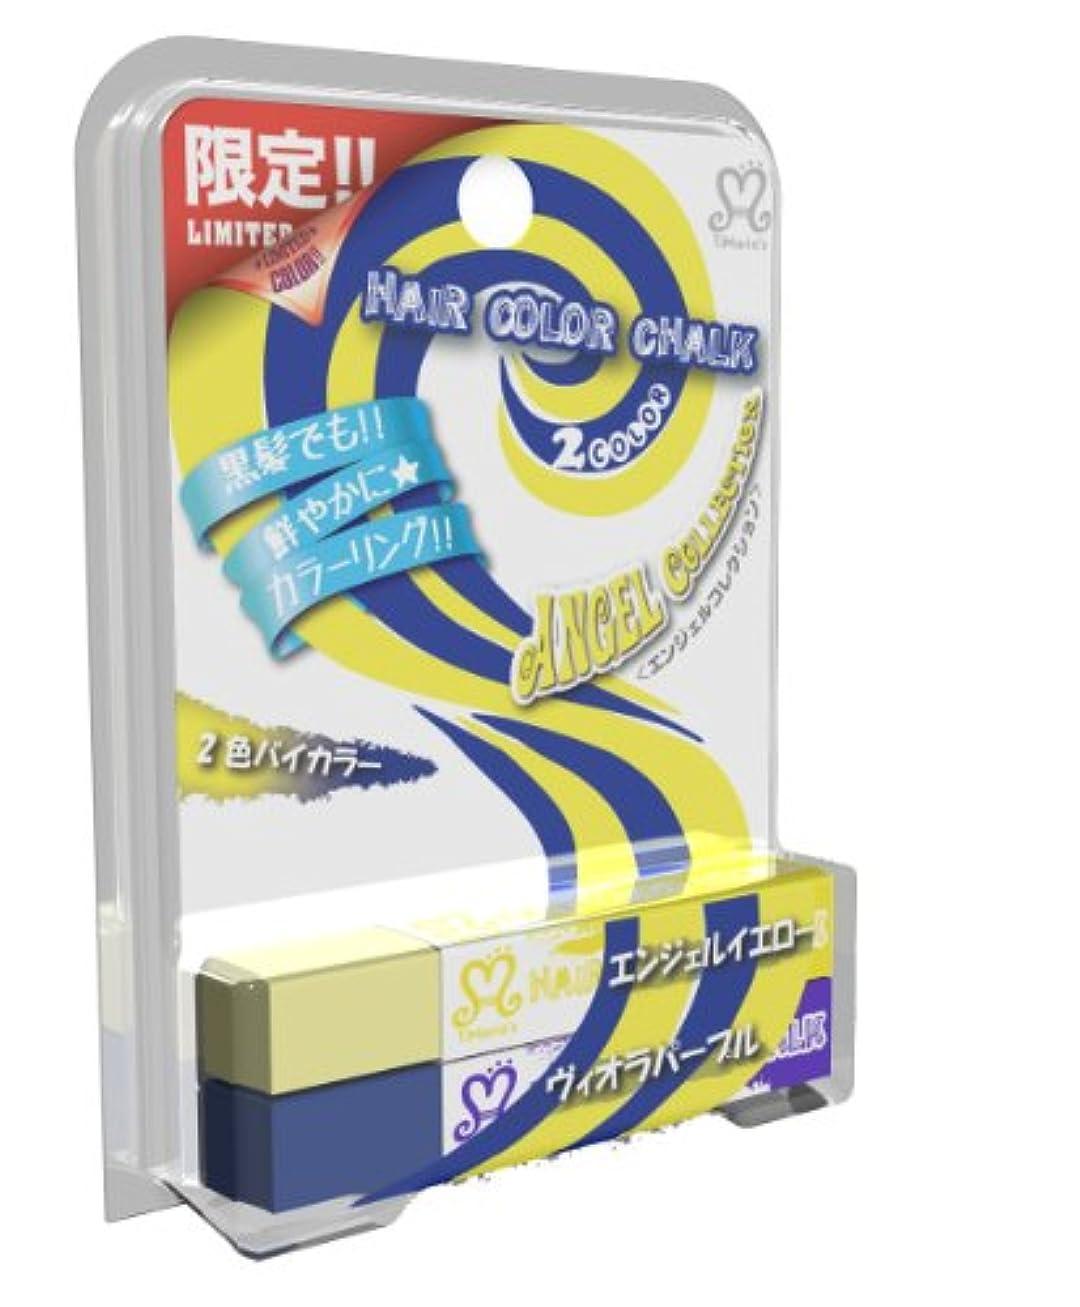 アトミック電気陽性羽ティーマリアーズ ヘアカラーチョーク バイカラーセット 02. エンジェル